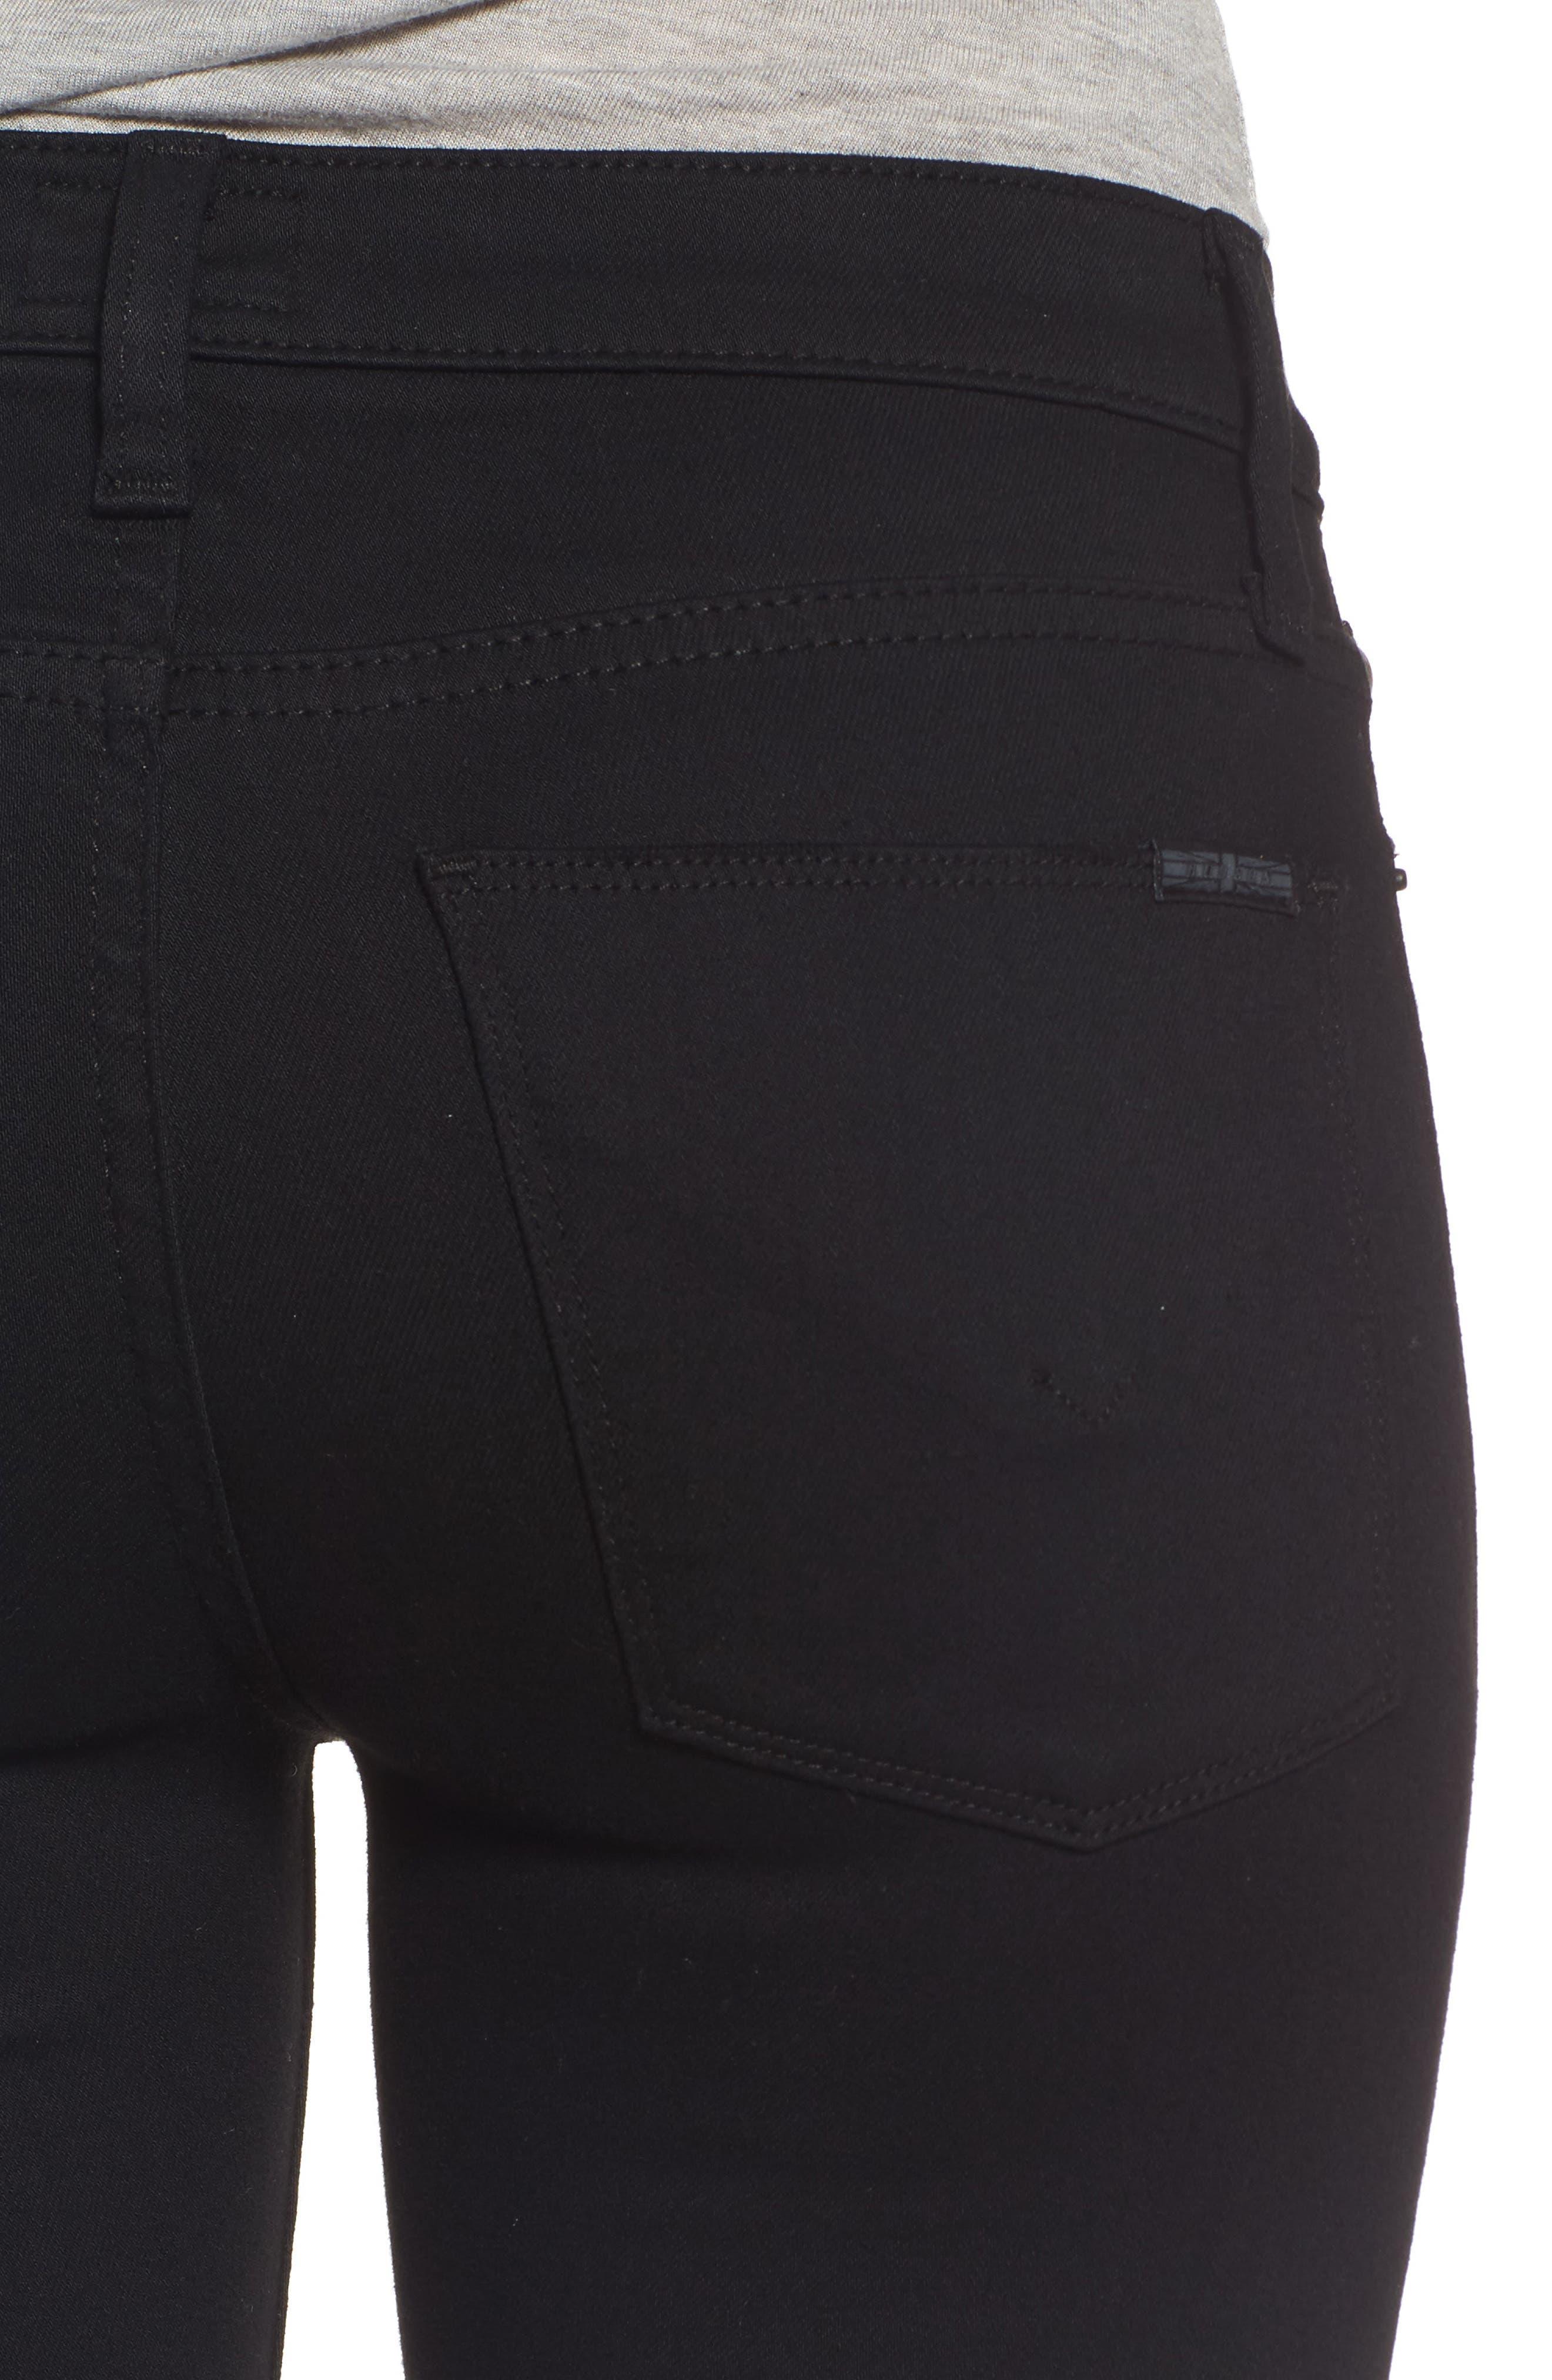 Alternate Image 4  - Hudson Jeans 'Elysian - Nico' Super Skinny Jeans (Destructed Black) (Nordstrom Exclusive)